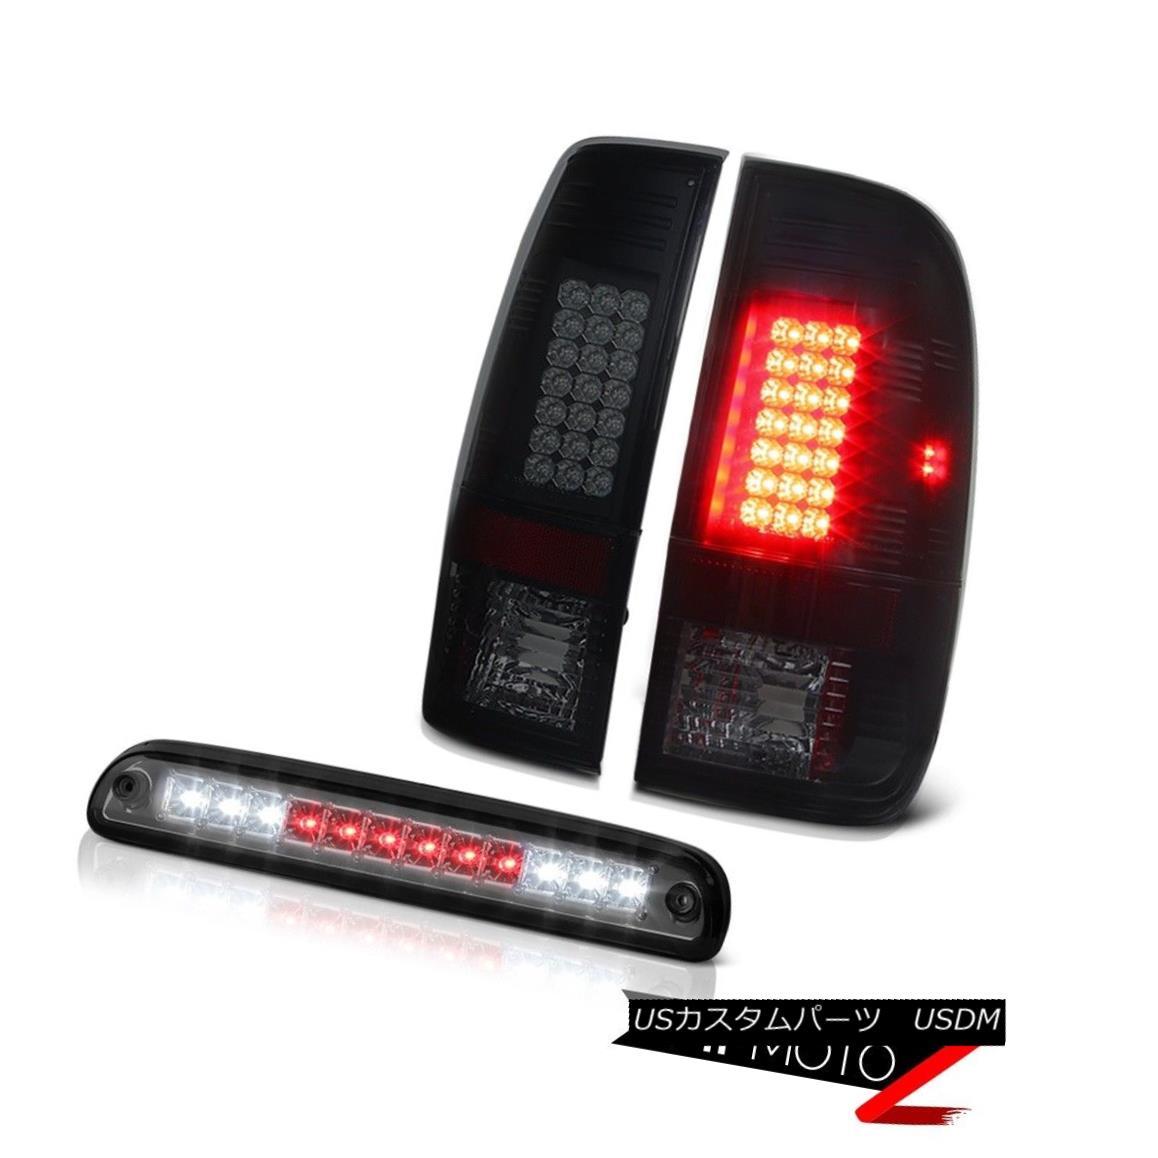 テールライト 99 00 01 02 0304 F350 XL Rear Brake Sinister Black Tail Light Tinted 3rd LED 99 00 01 02 0304 F350 XLリアブレーキシニスターブラックテールライトティンテッド3rd LED